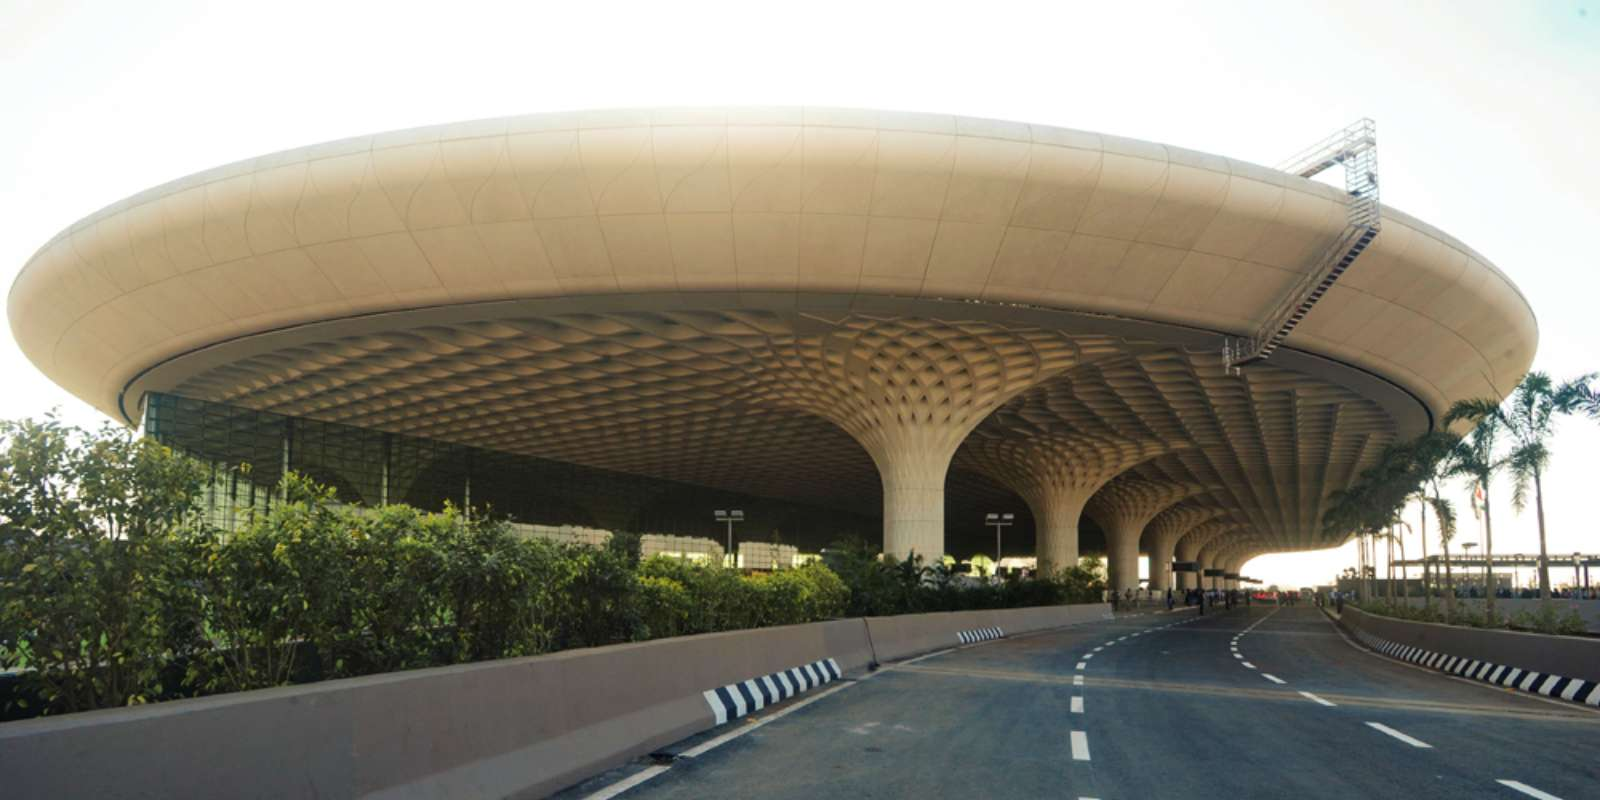 Open the Chhatrapati Shivaji International Airport